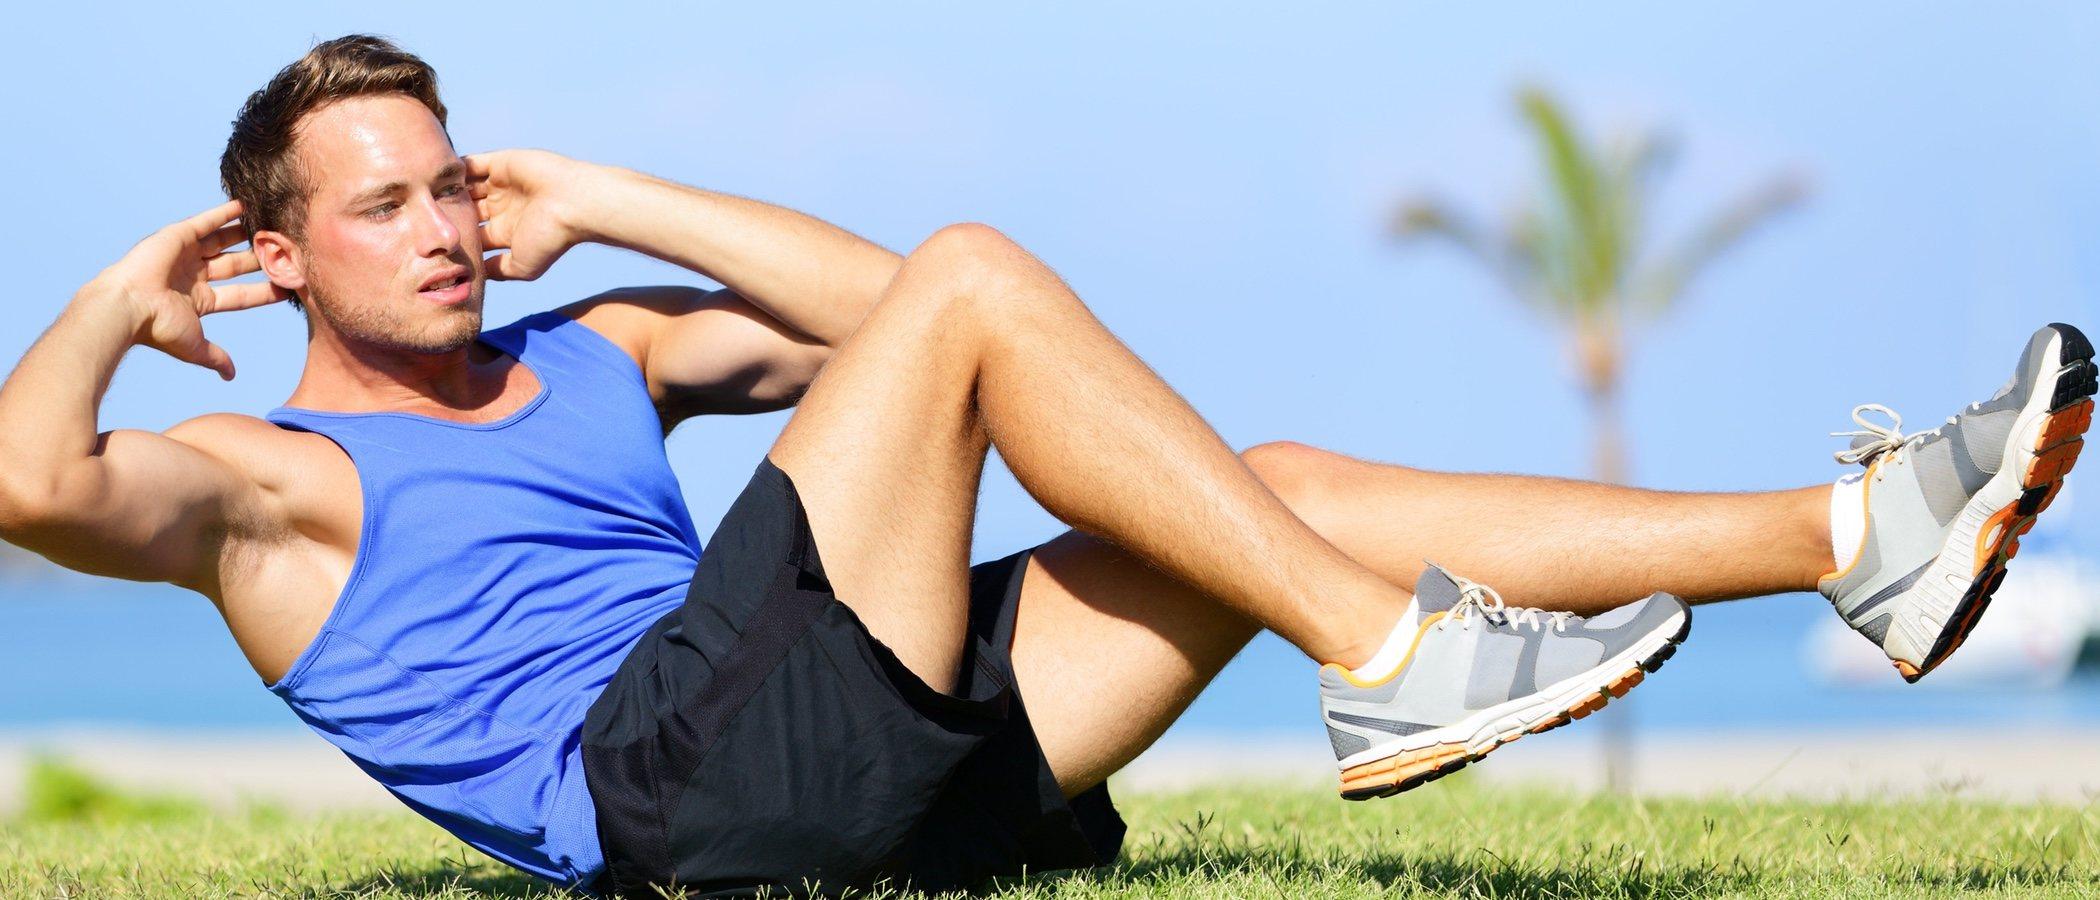 Los abdominales definirán tu cuerpo: el six pack